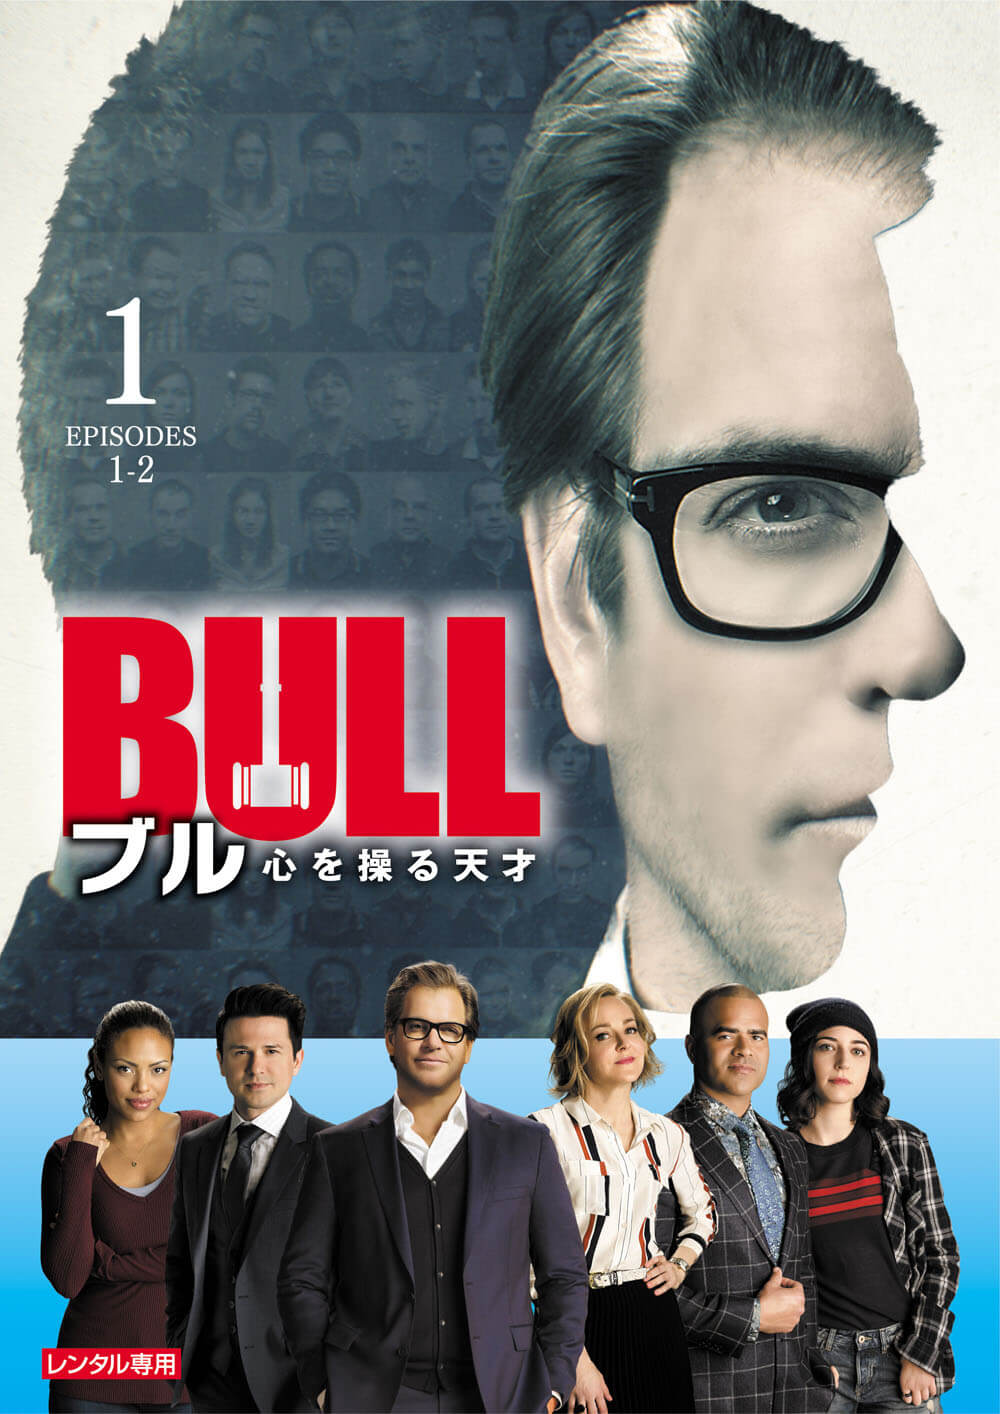 BULL / ブル 心を操る天才